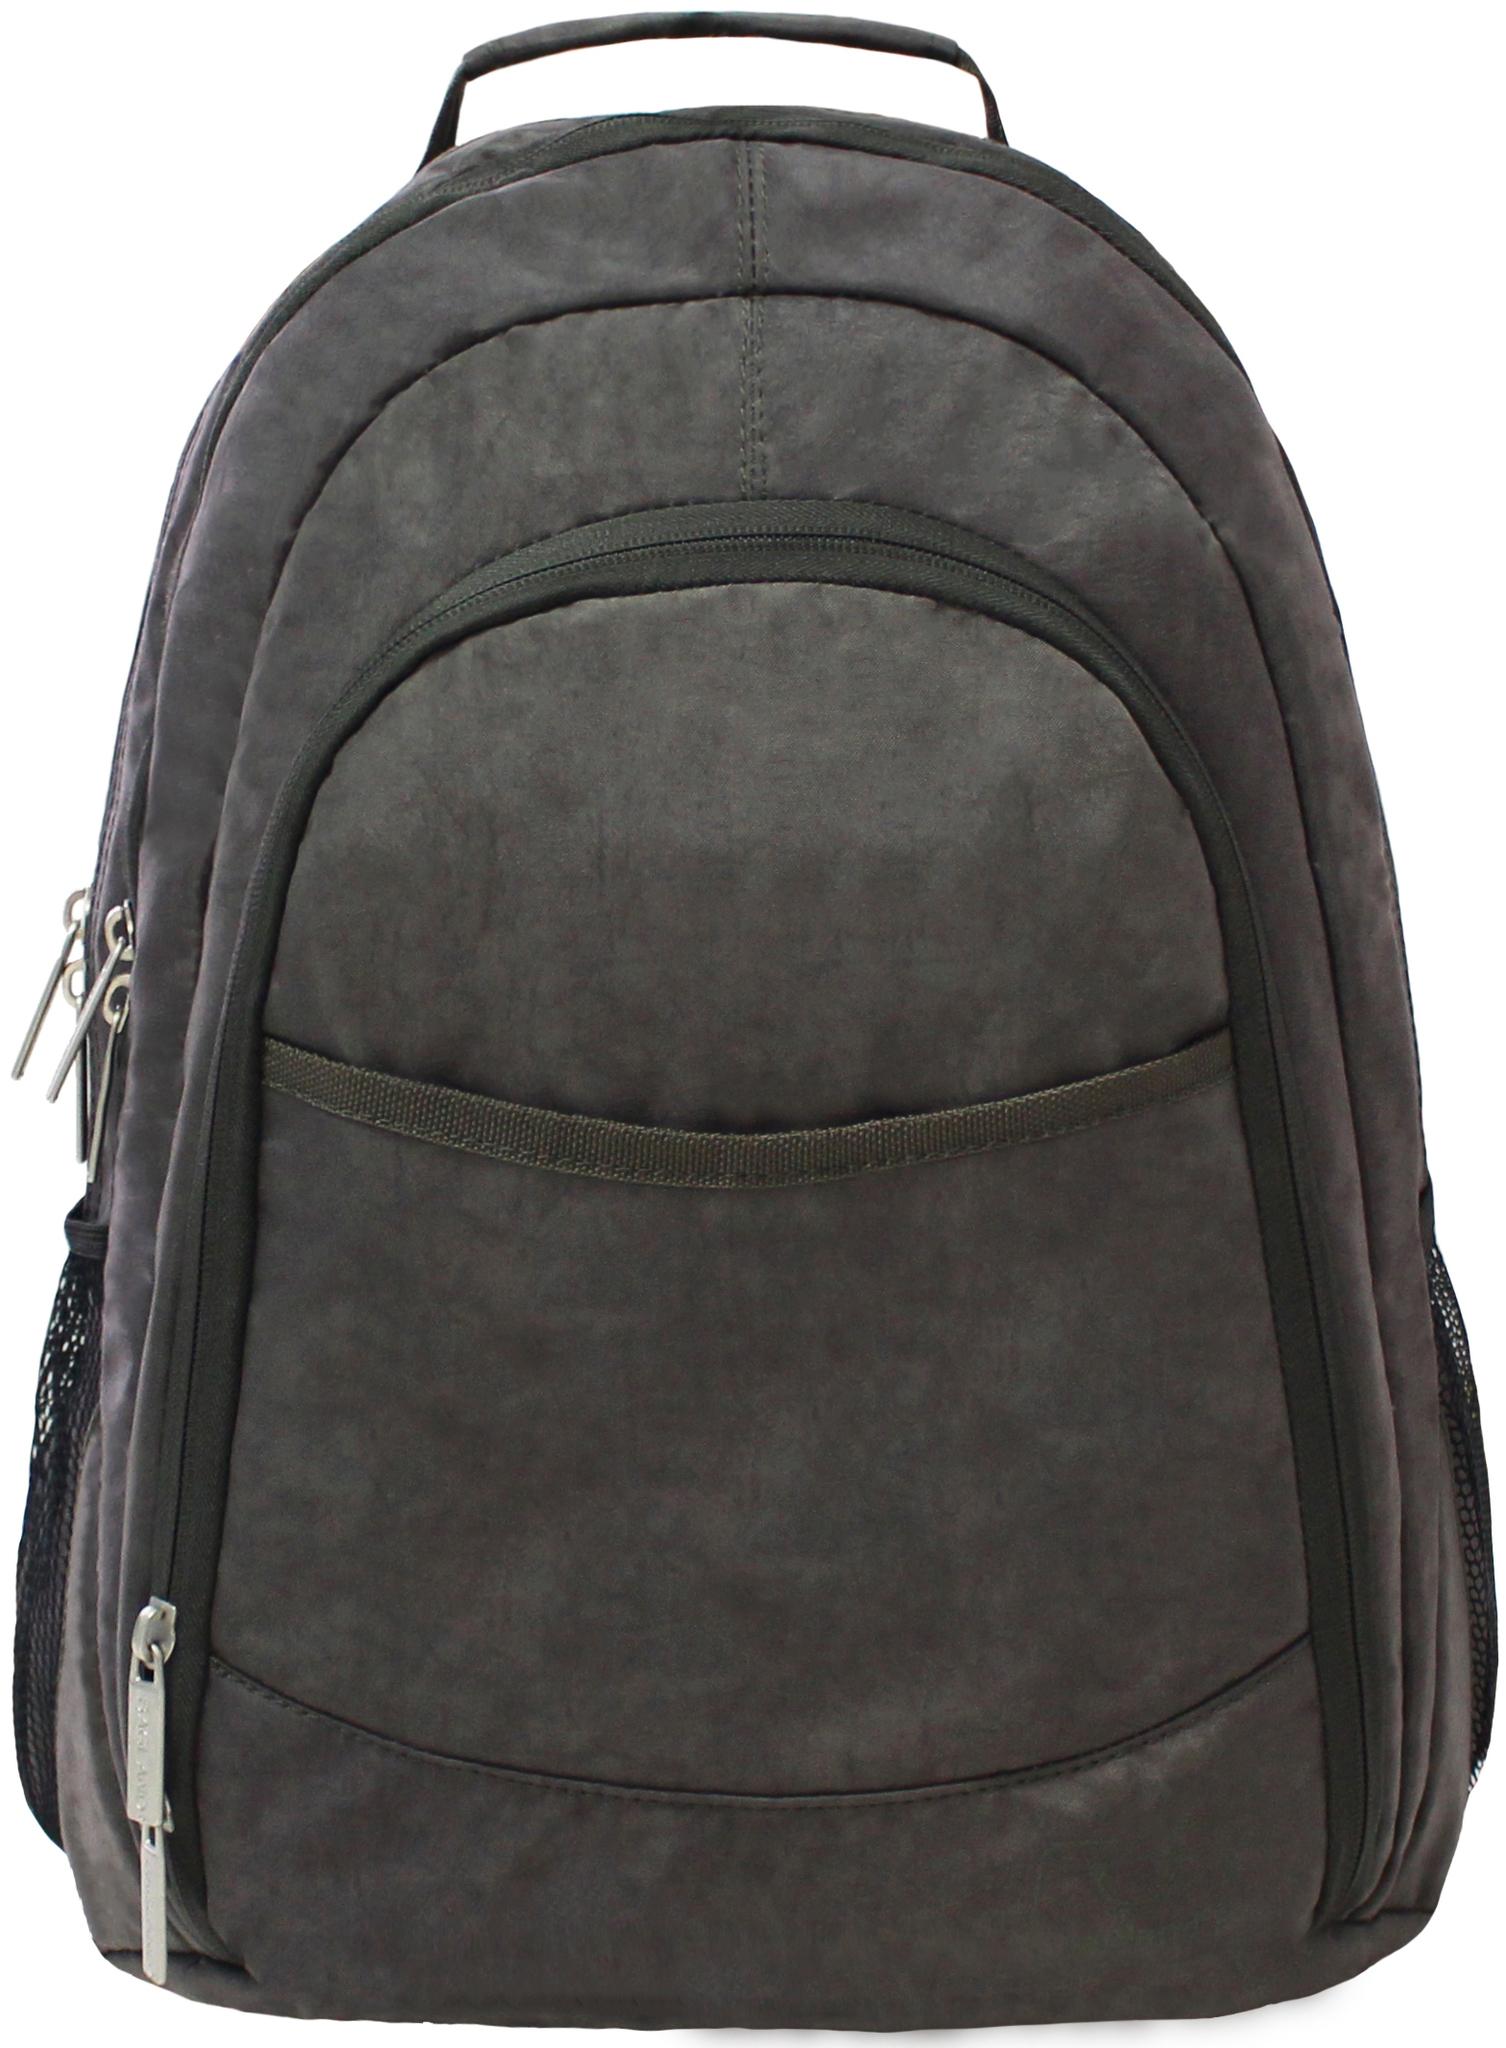 Городские рюкзаки Рюкзак Bagland Сити 32 л. Хаки (0018070) IMG_5894.JPG